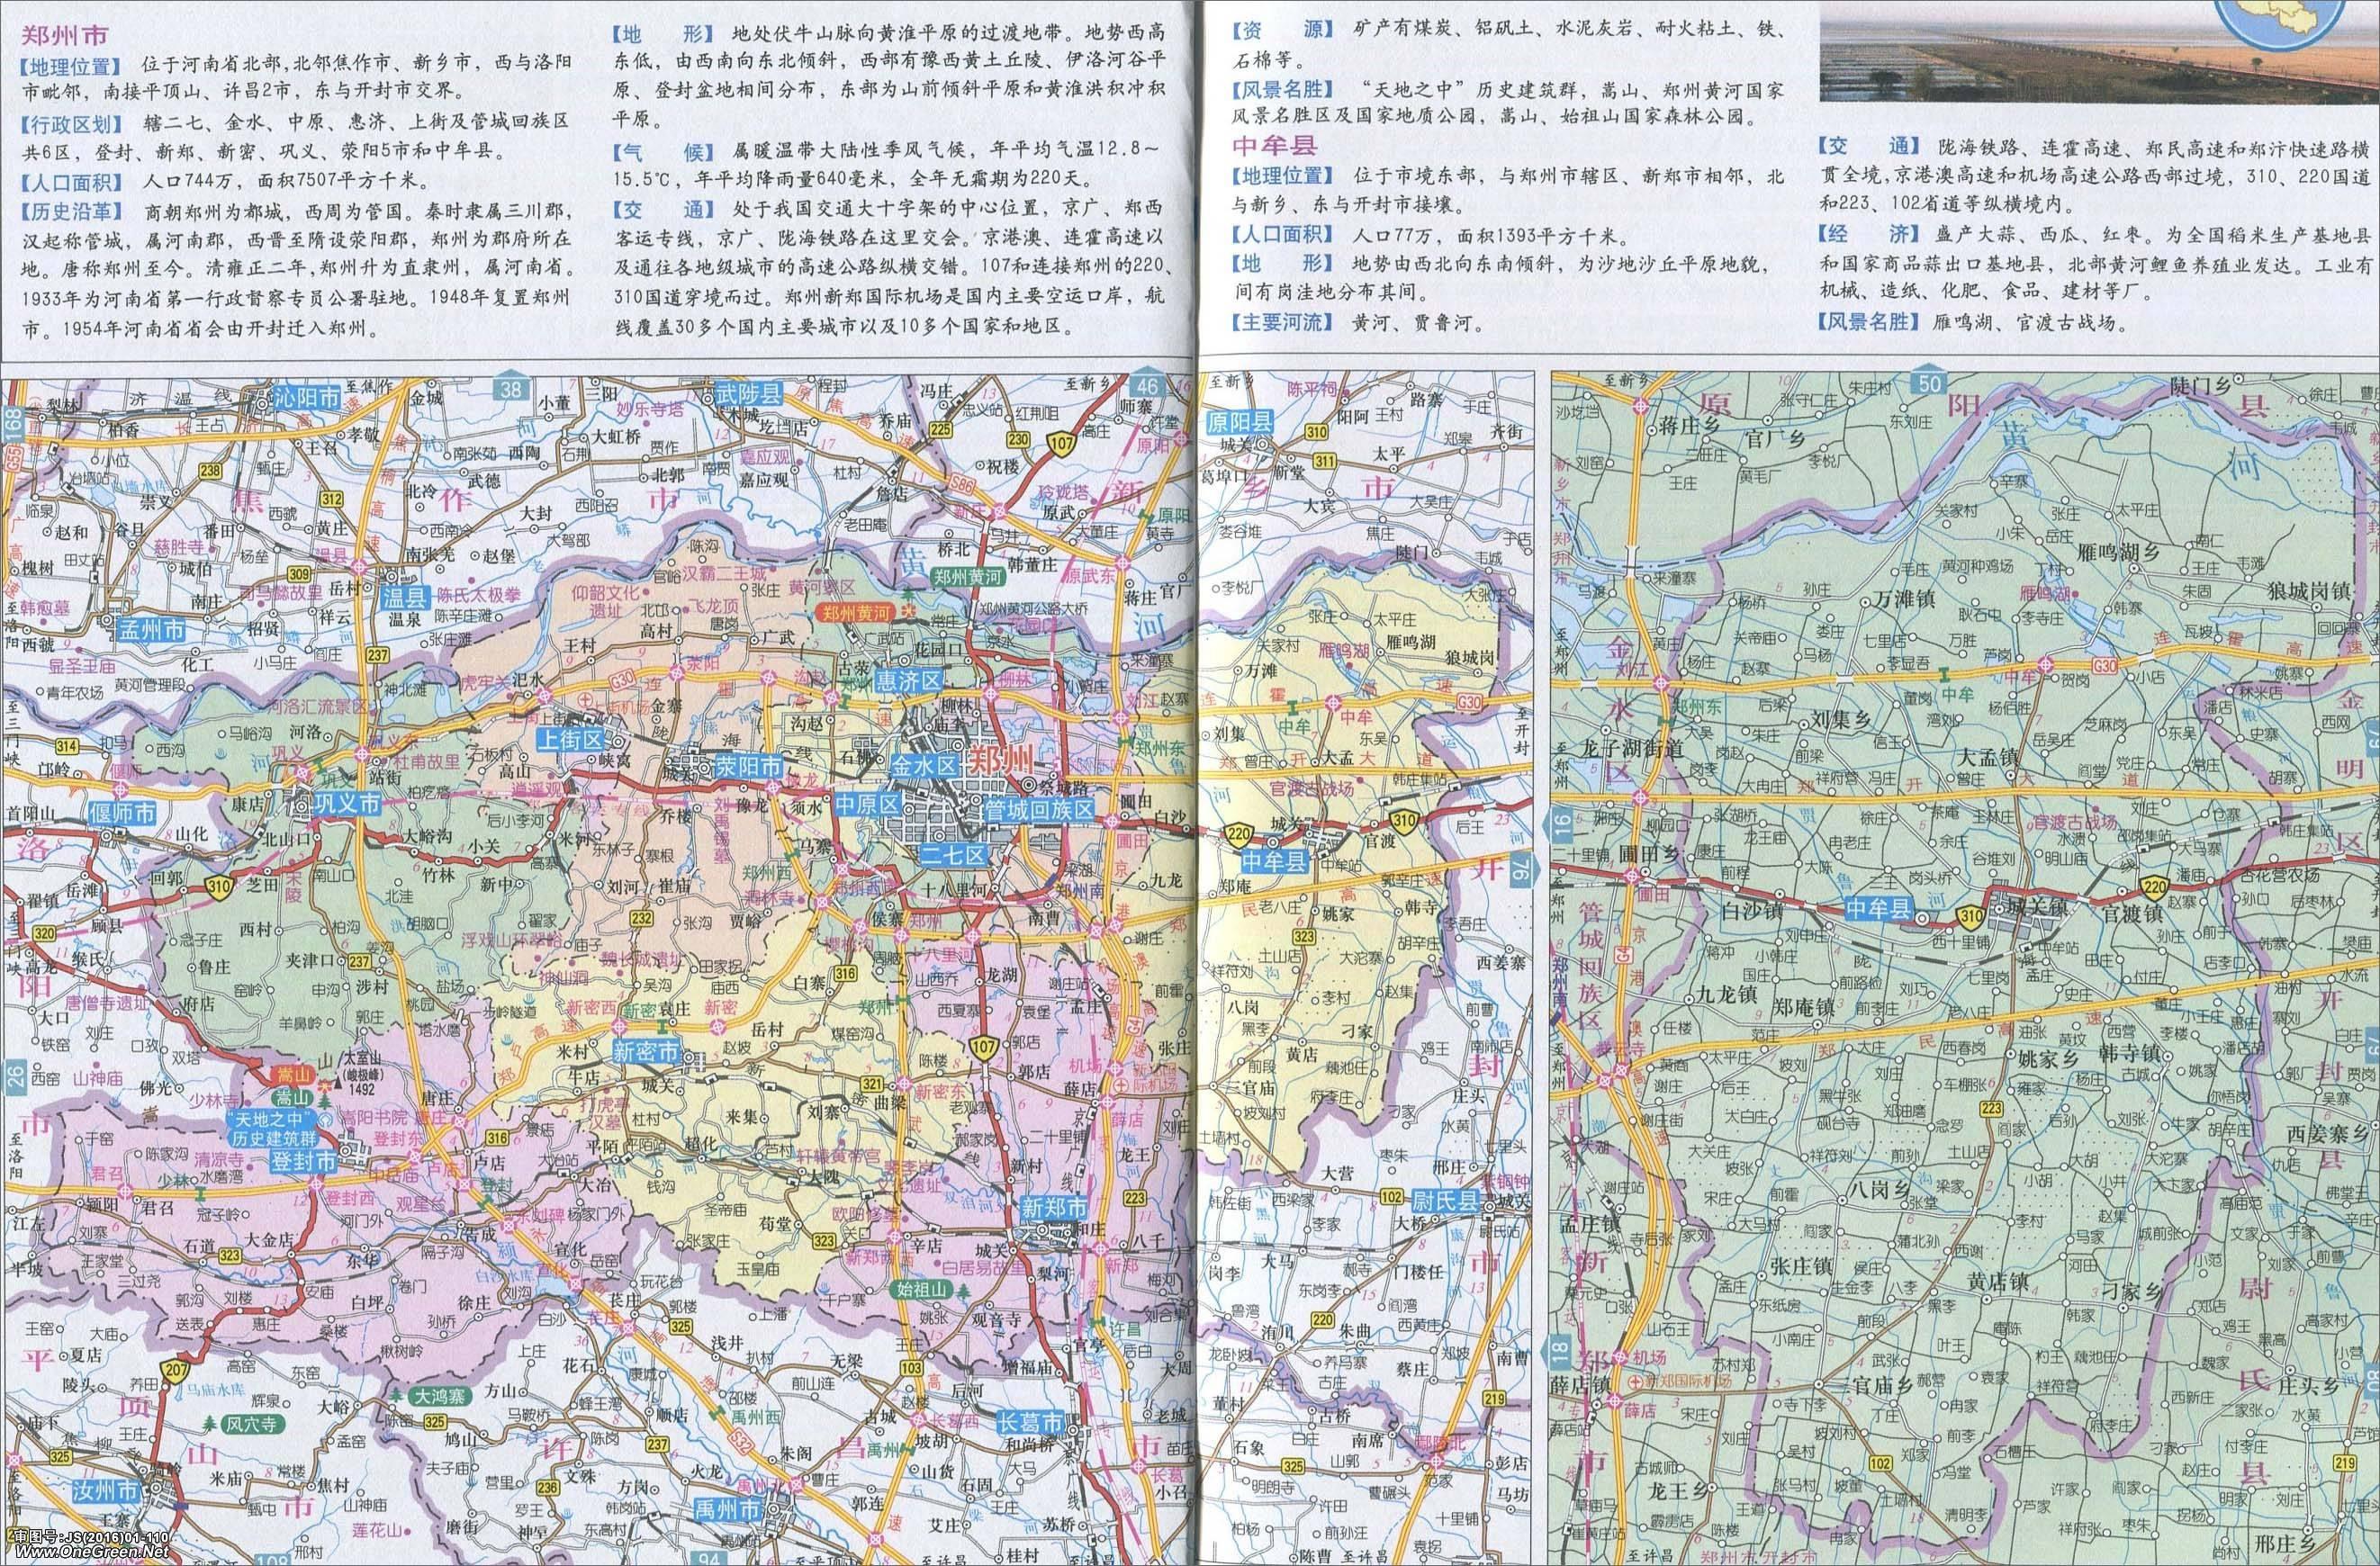 三门峡地图_郑州市地图高清版_郑州地图库_地图窝